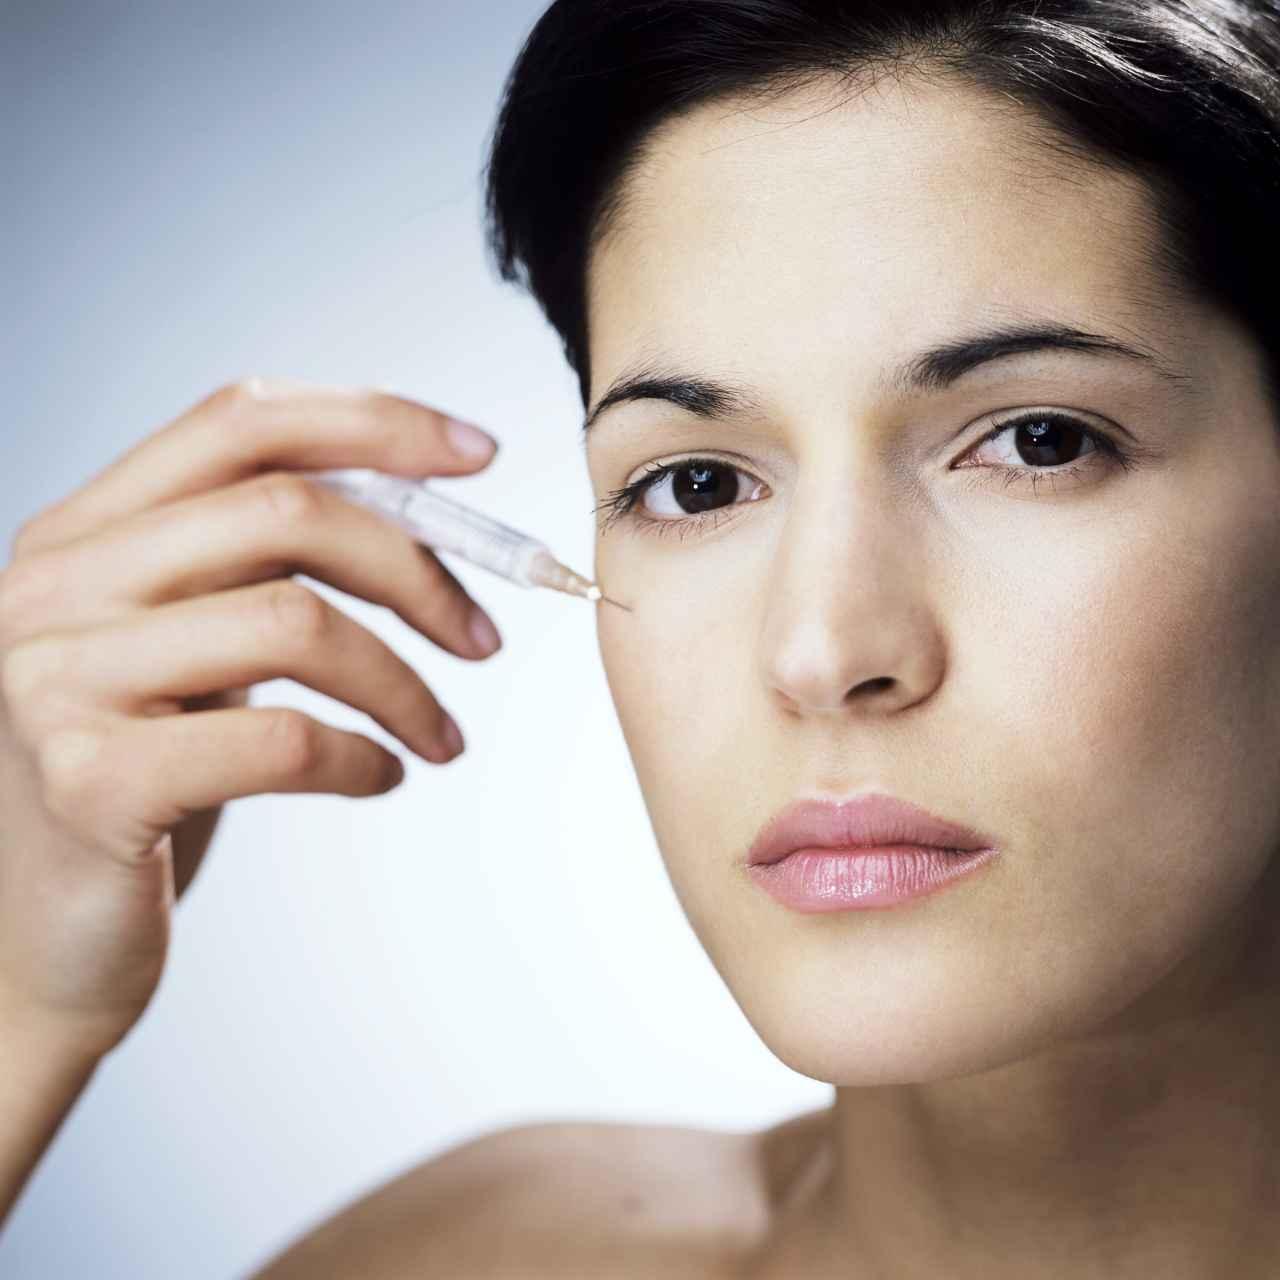 El botox para rejuvenecer la mirada se ha convertido en uno de los productos más demandados.